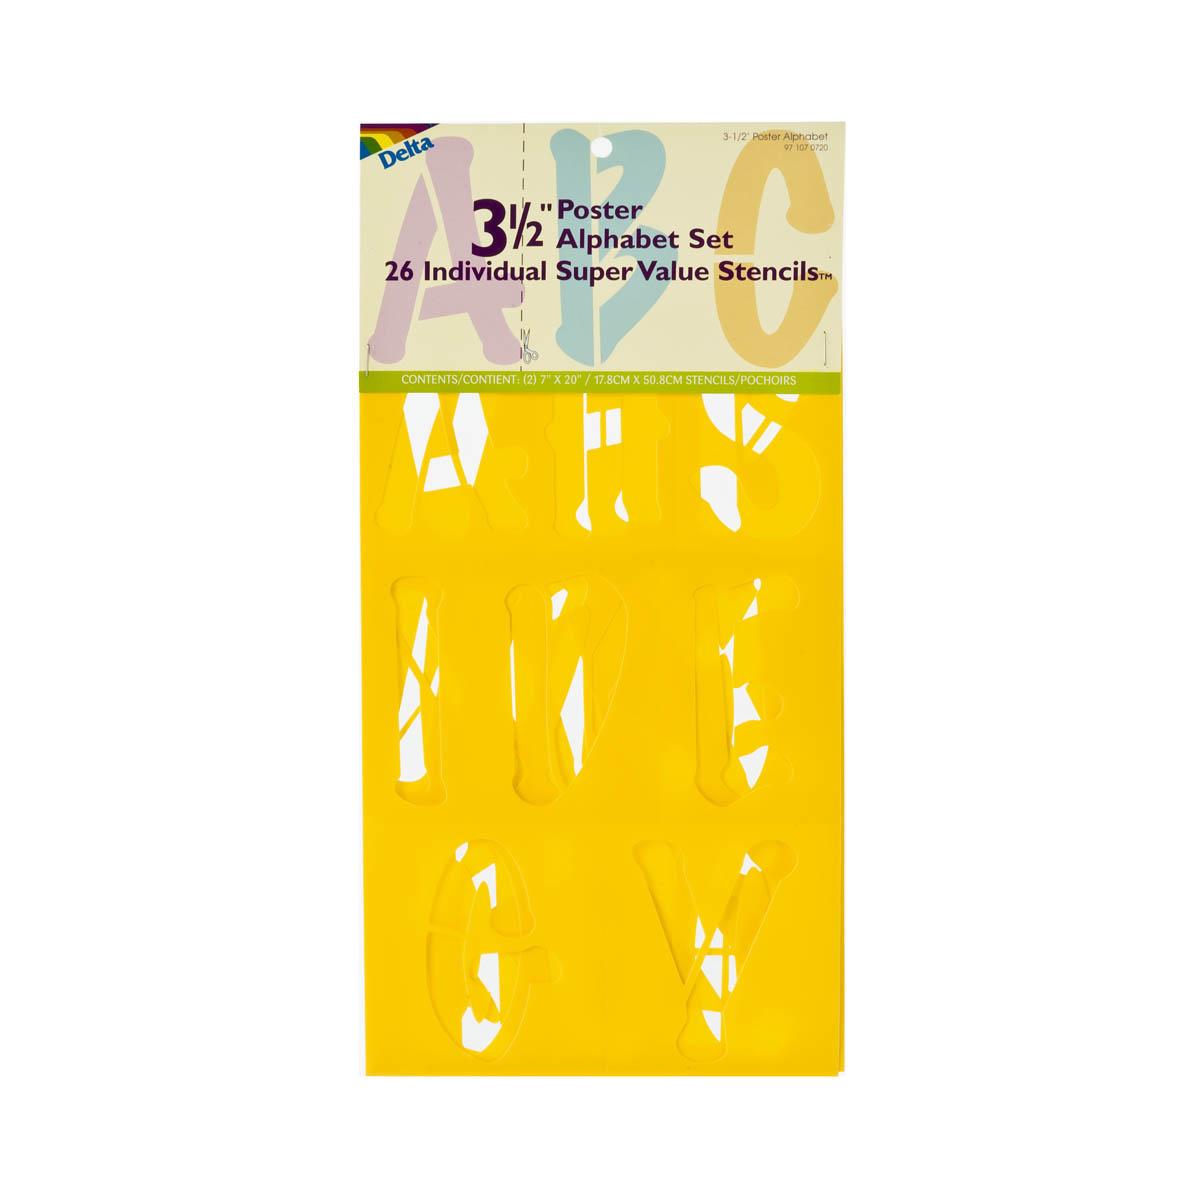 Delta Stencils - Alphabet - Poster, 3-1/2